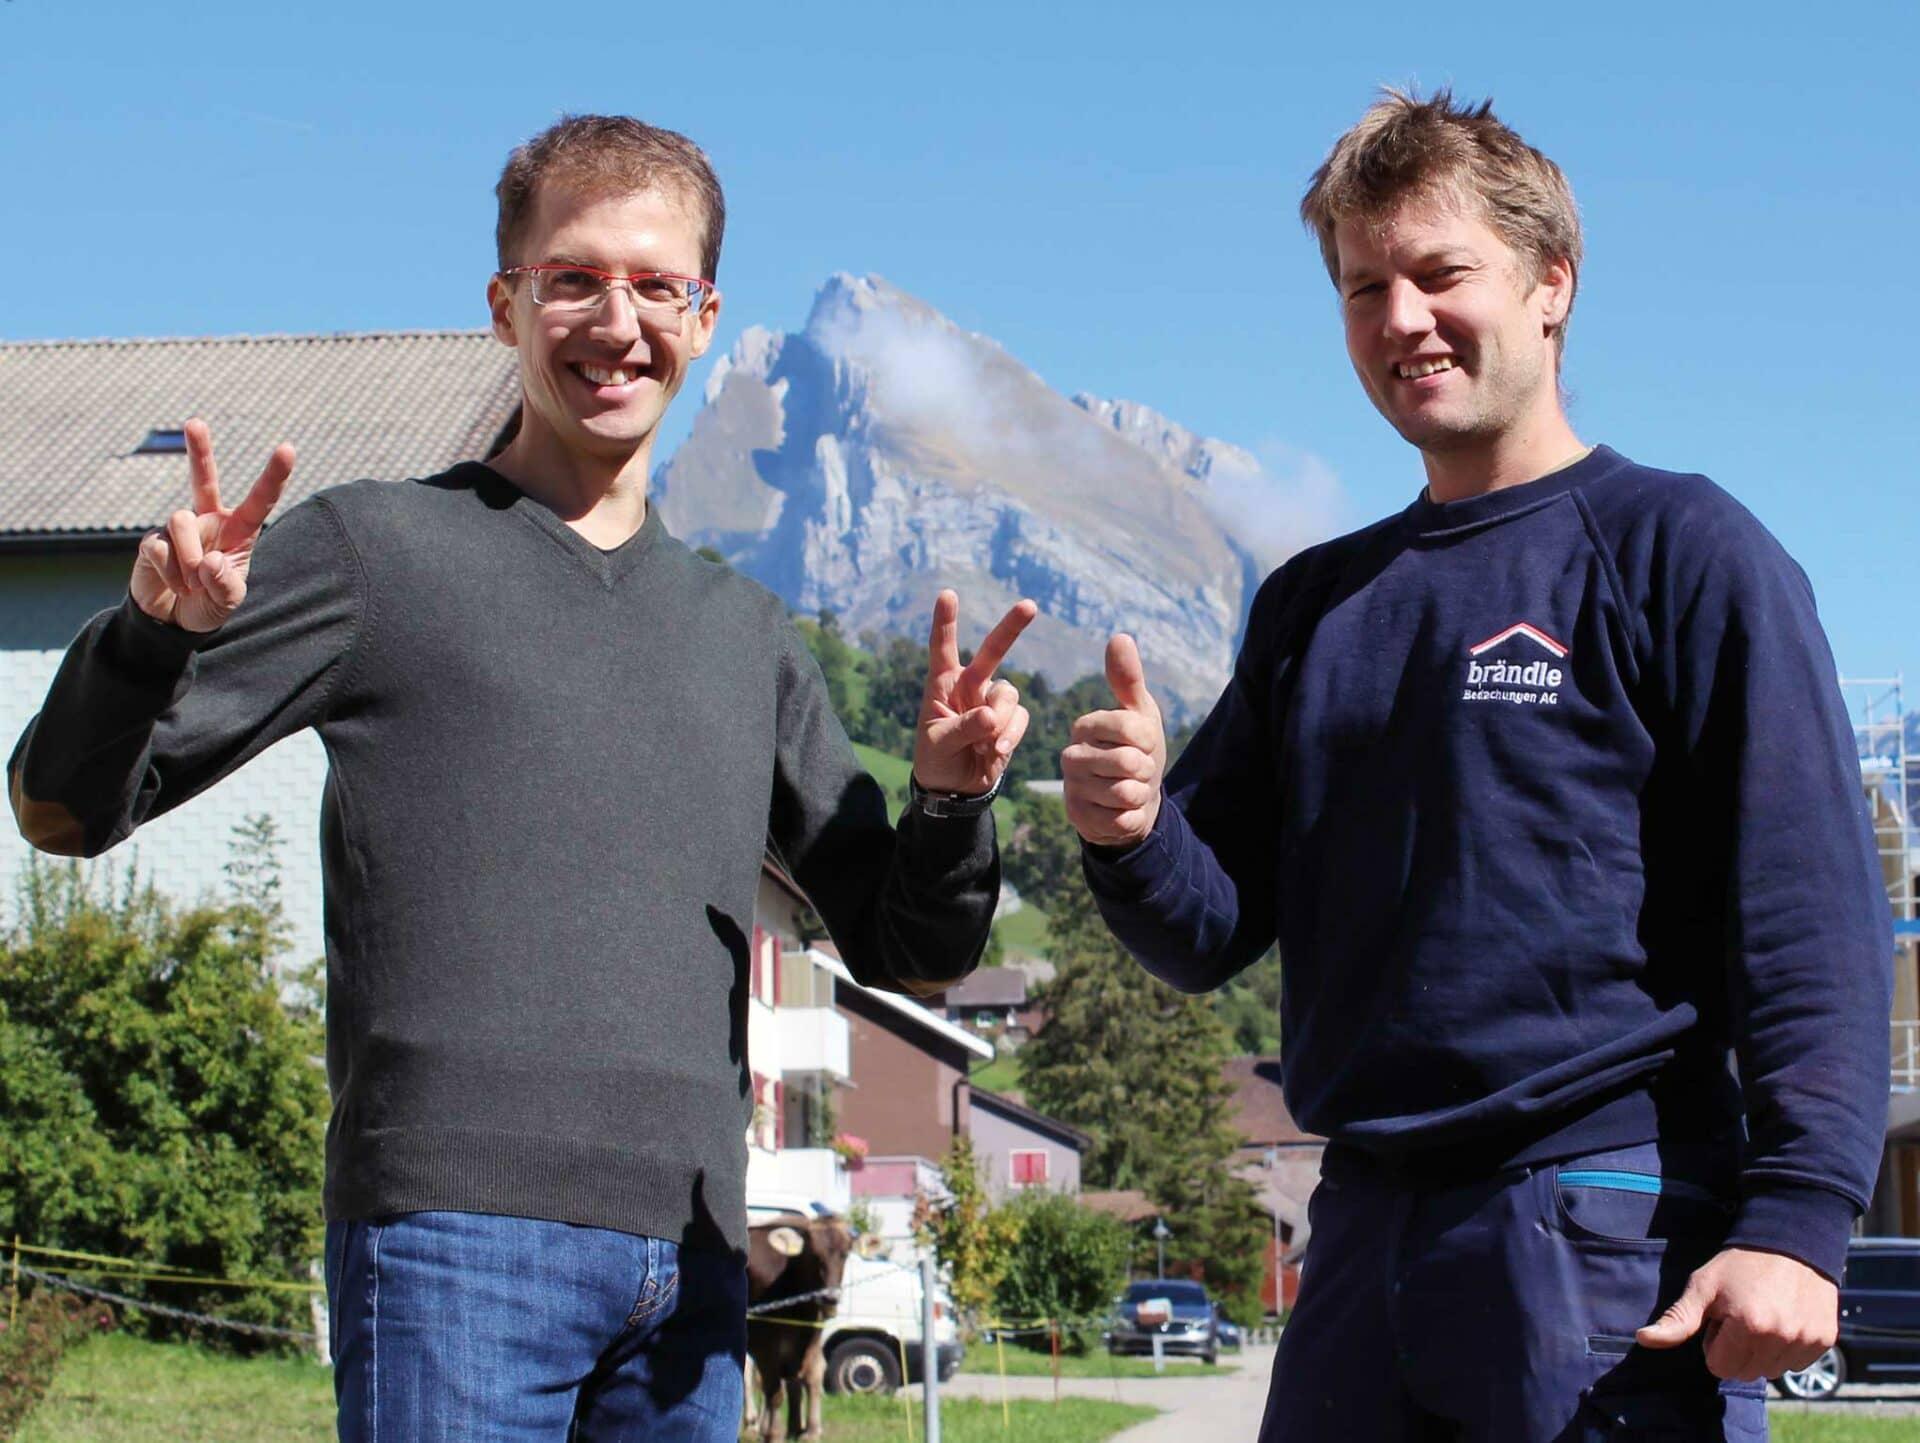 STARKES DUO MIT VISIONEN:Die Brüder Simon (links) und Josias Ammann vor dem Schafsberg im Obertoggenburg.